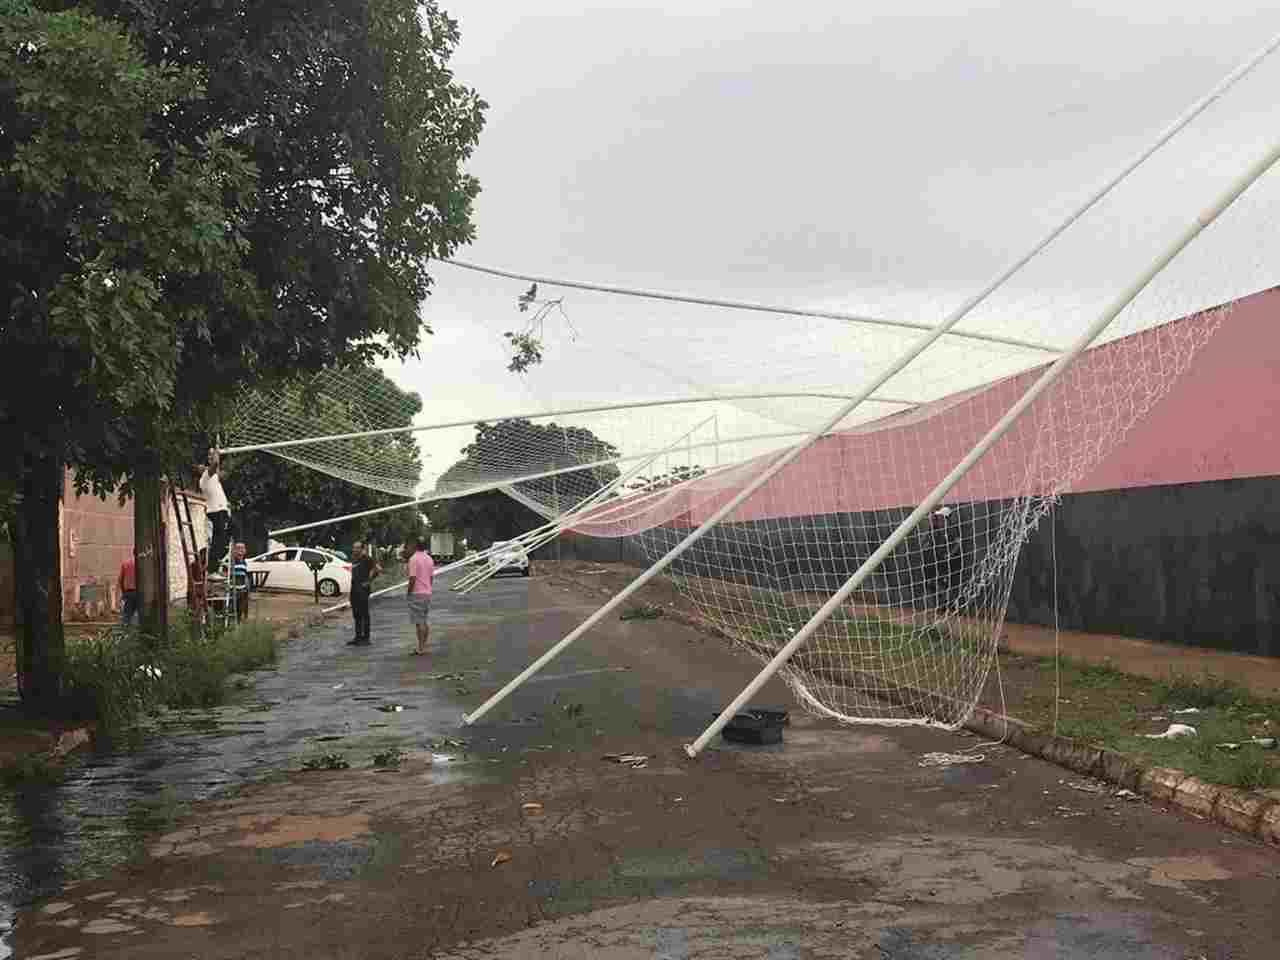 Alambrado do Centro de Treinamento do Atlético cai com as chuvas | Foto: divulgação